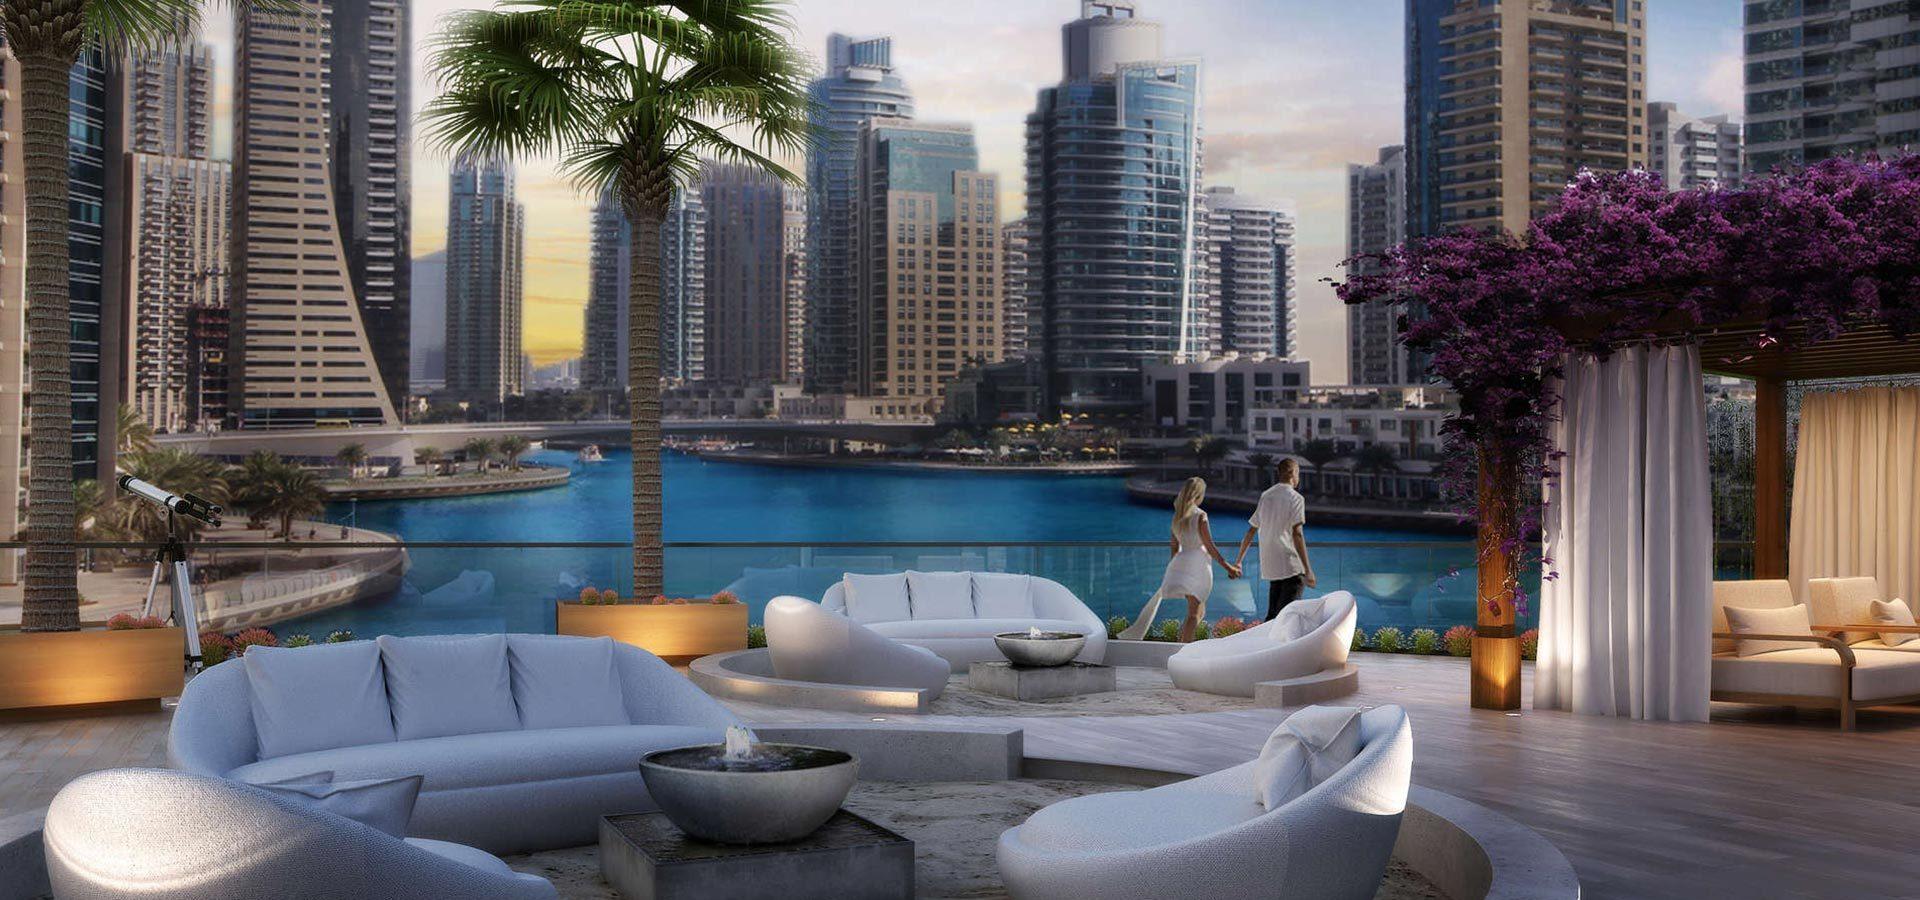 Апартаменты LIV Residence в районе Дубай Марина – Экстерьер